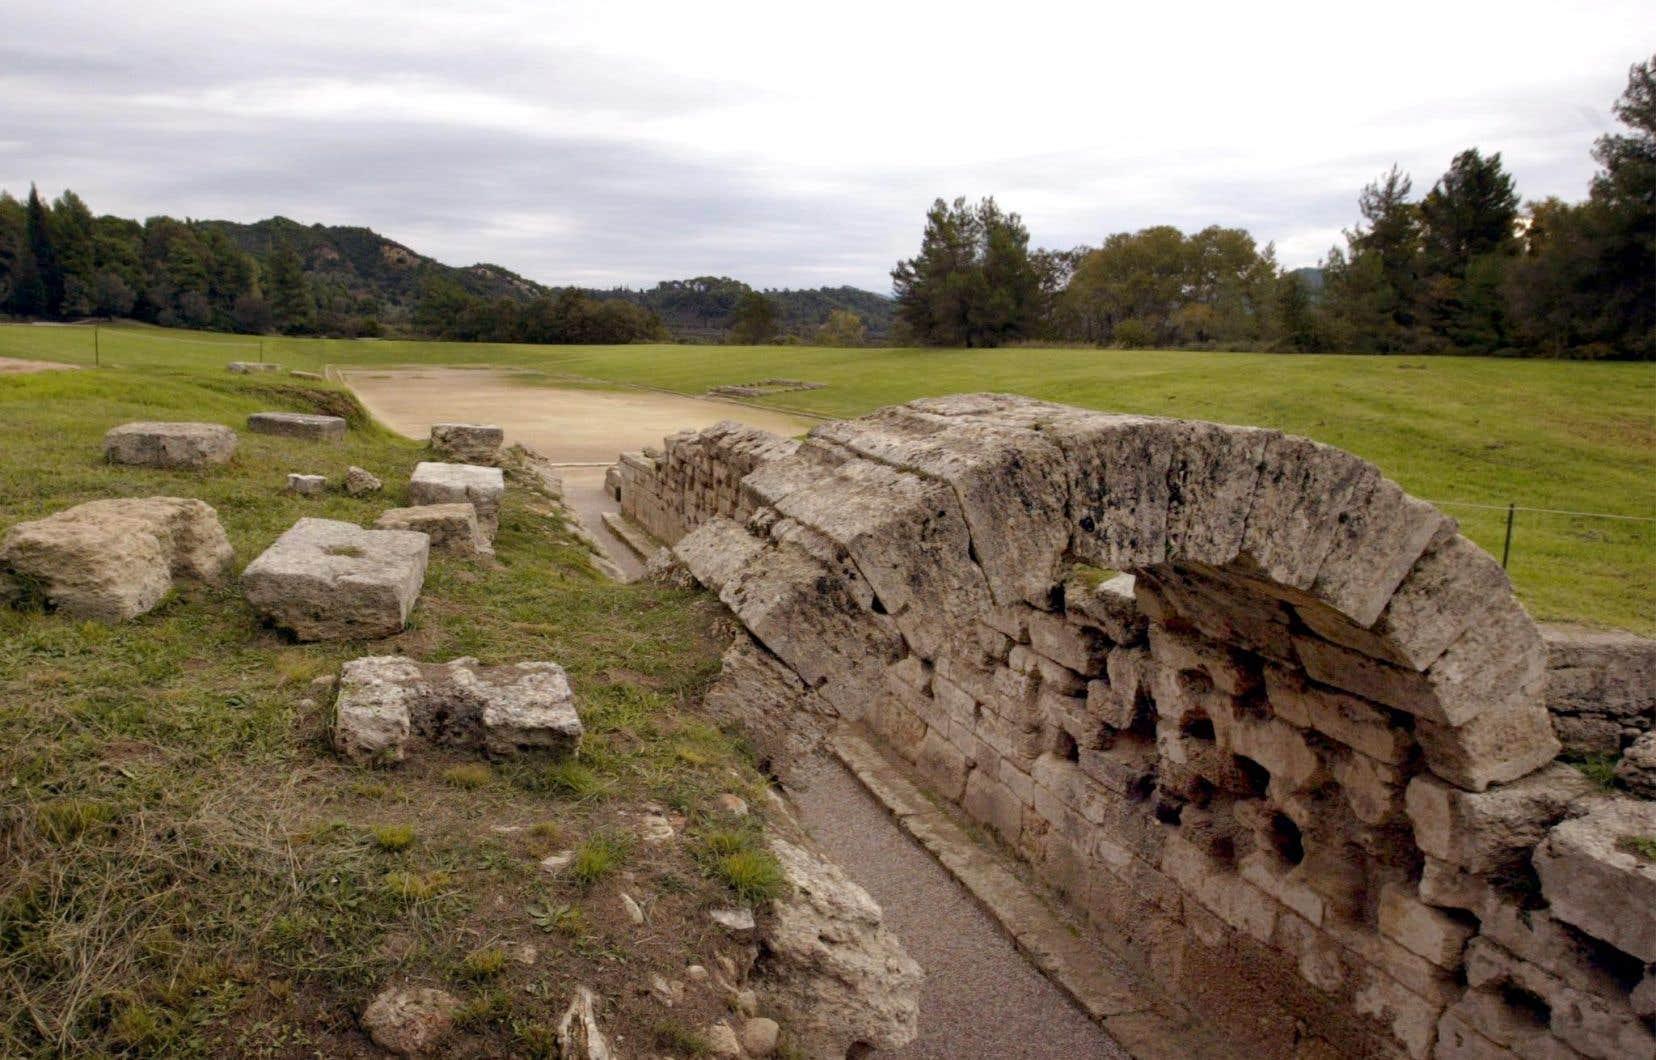 La plaquette a été découverte autour des vestiges du temple de Zeus sur le site du berceau des Jeux olympiques.